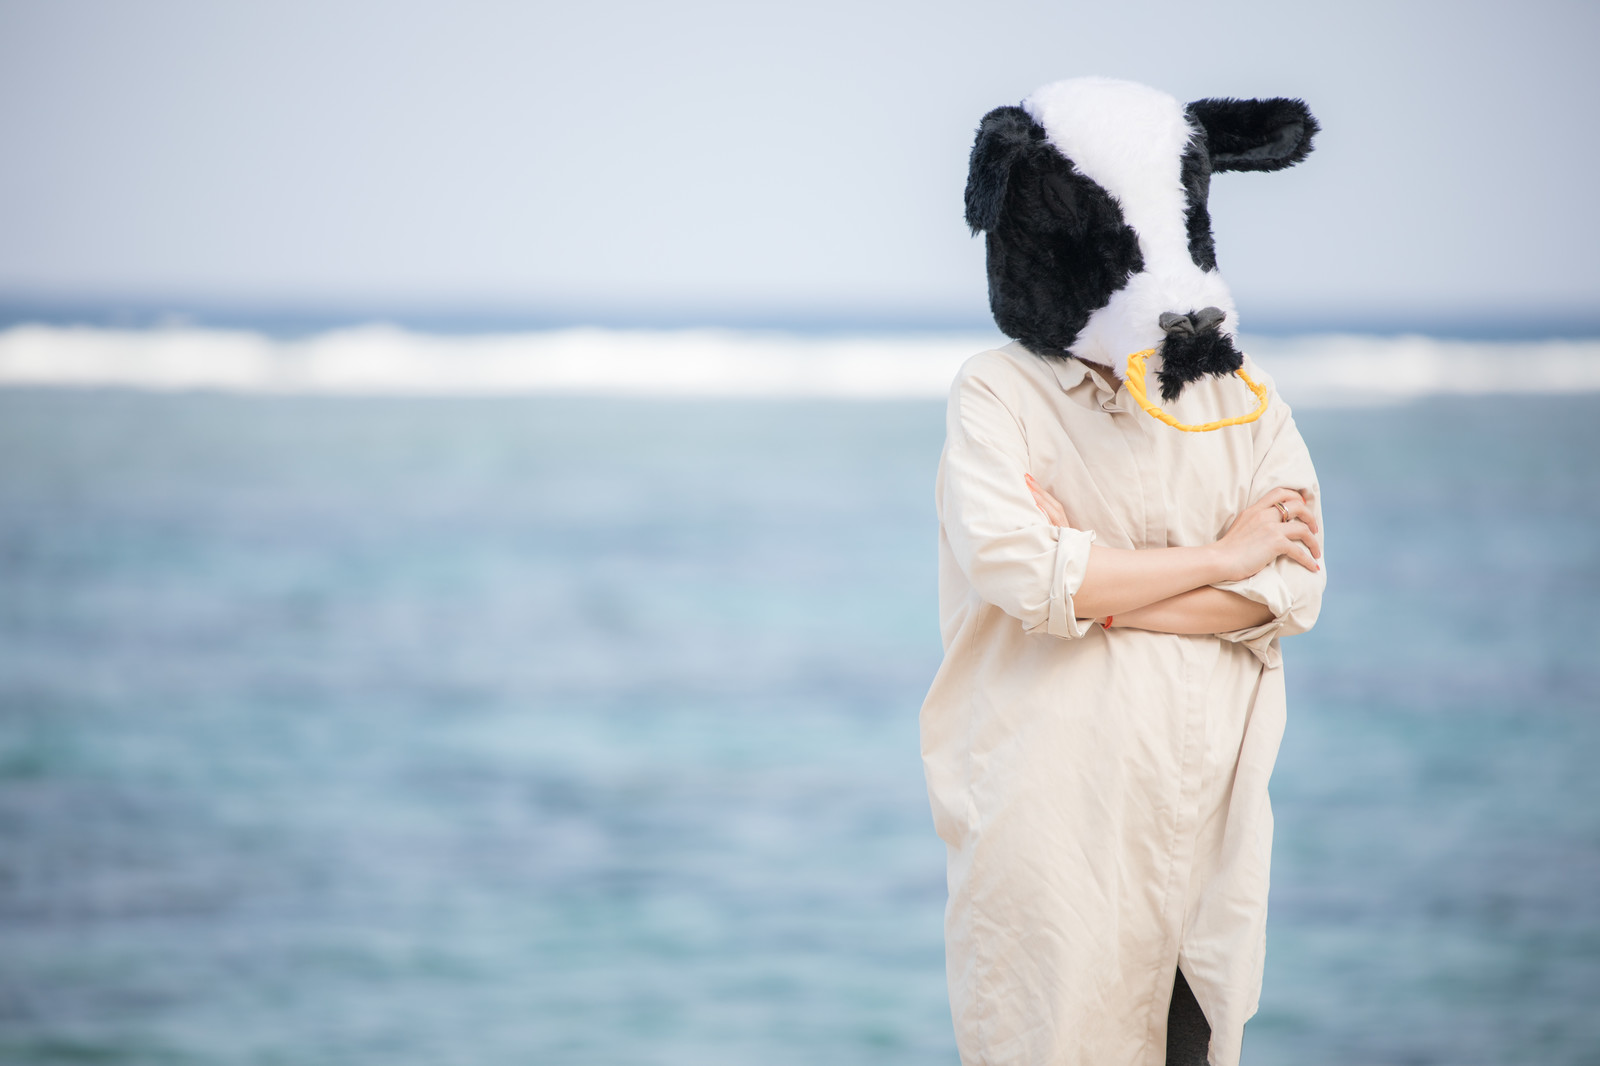 「日焼けを気にする牛女 | 写真の無料素材・フリー素材 - ぱくたそ」の写真[モデル:古性のっち]